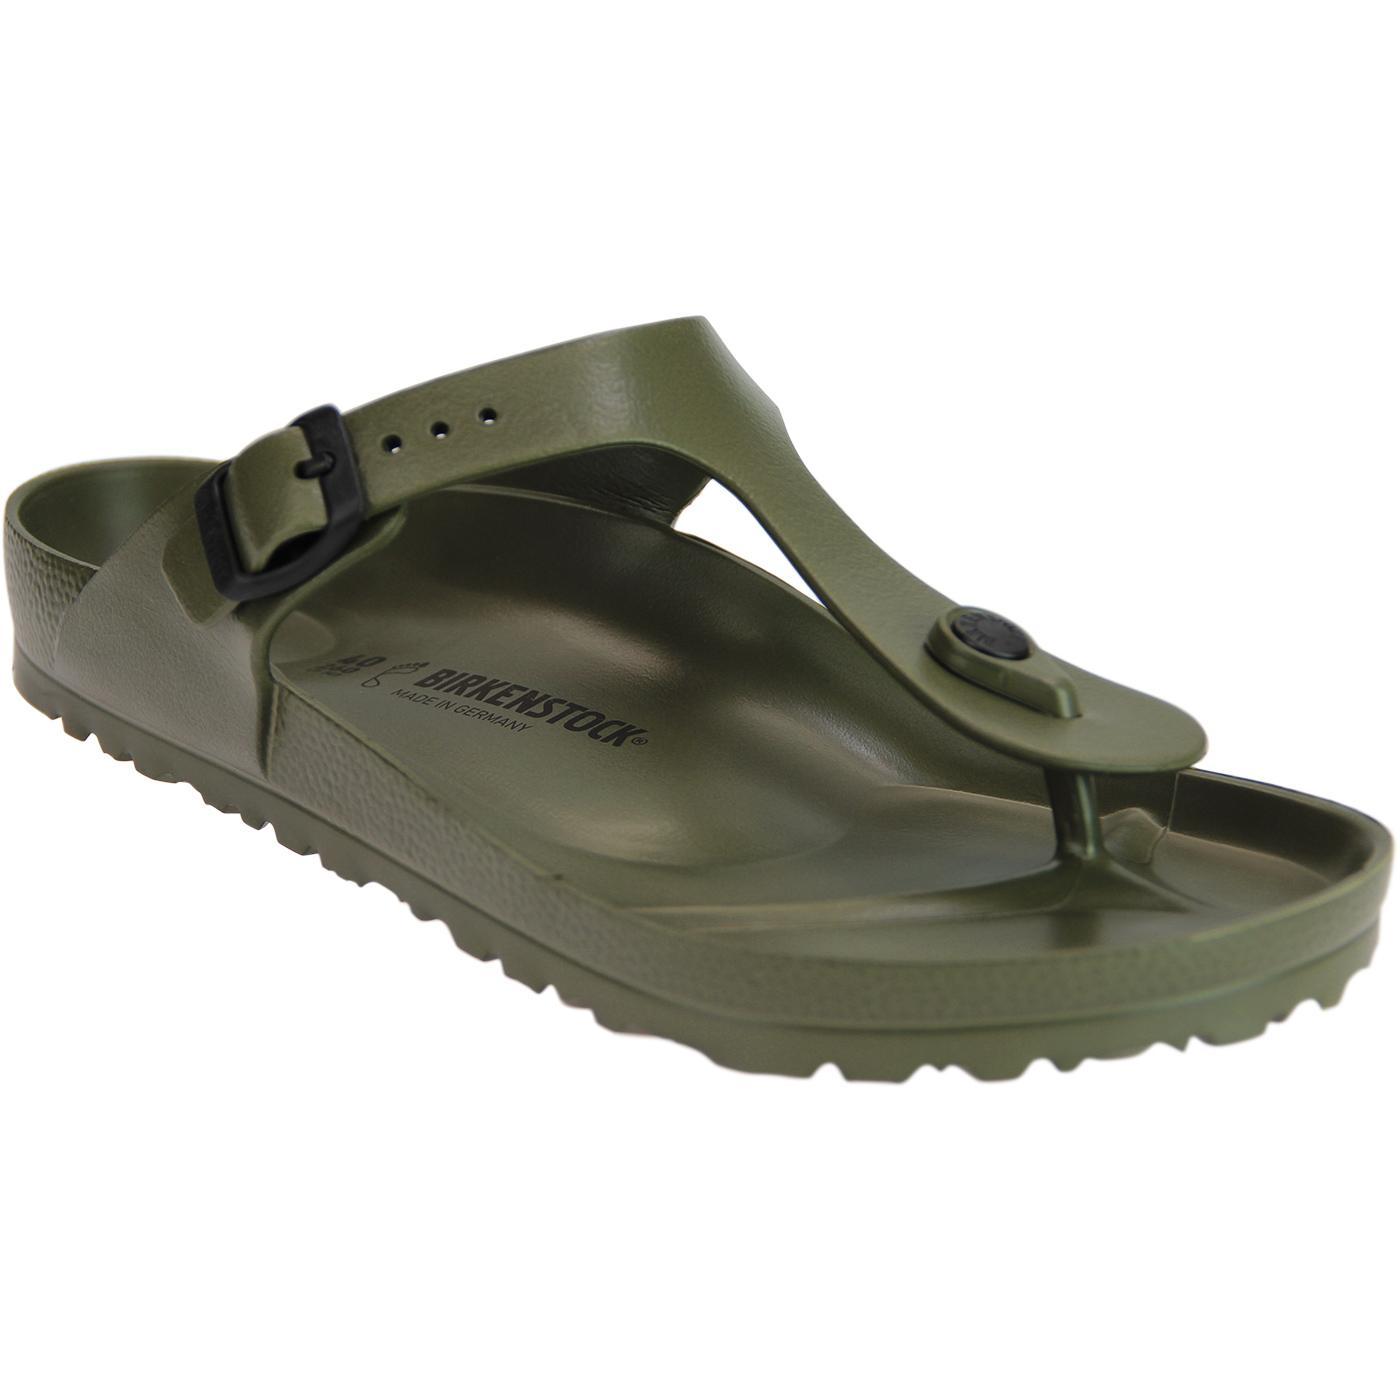 Gizeh EVA BIRKENSTOCK Retro Toe Grip Sandals Khaki